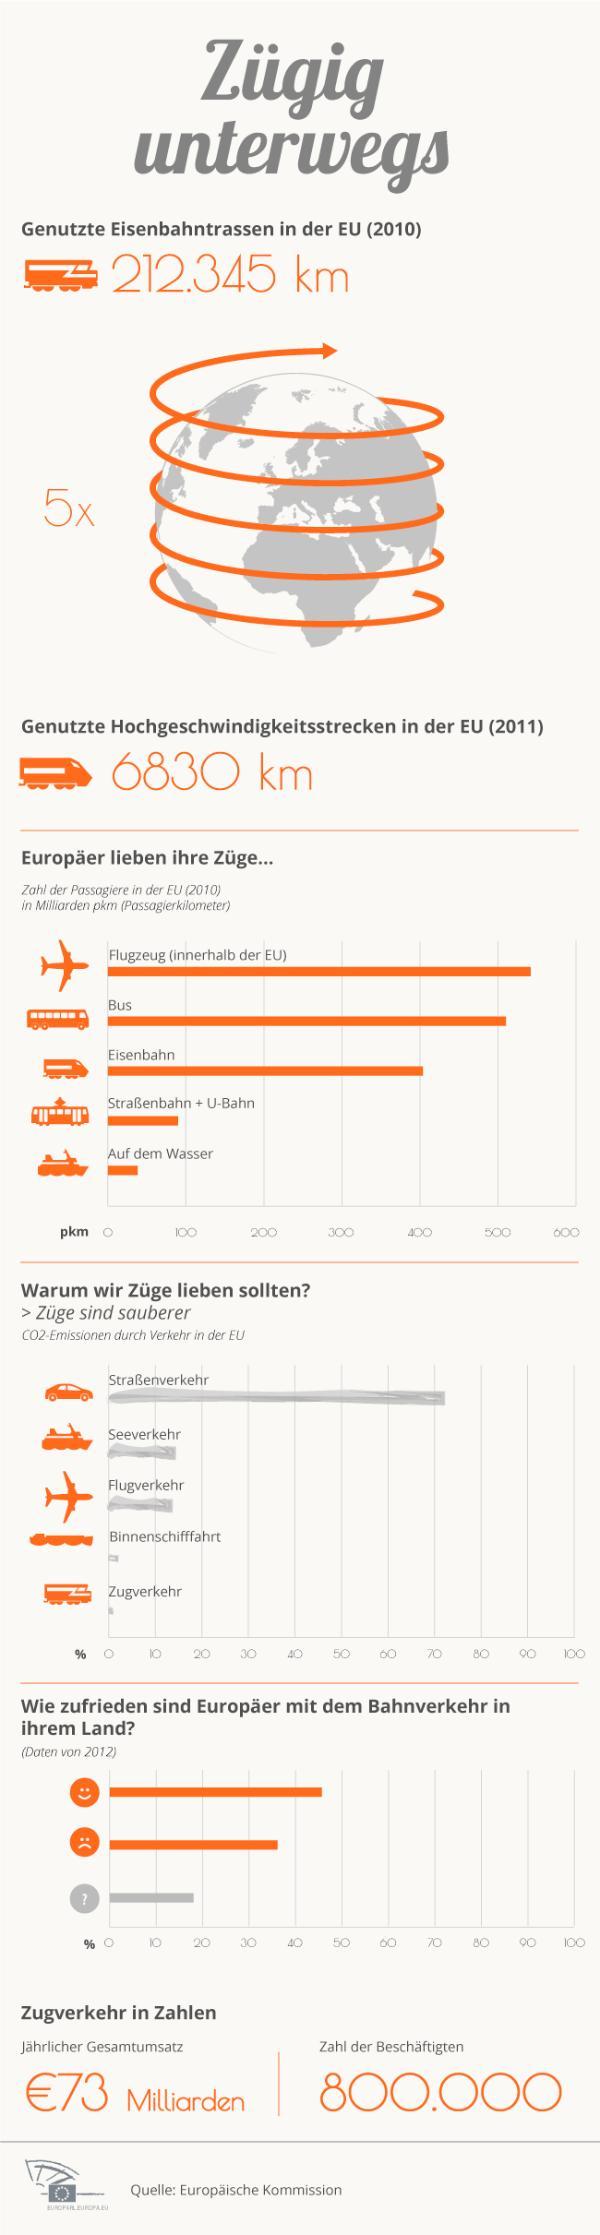 Informationen über den Eisenbahnverkehr in Europa